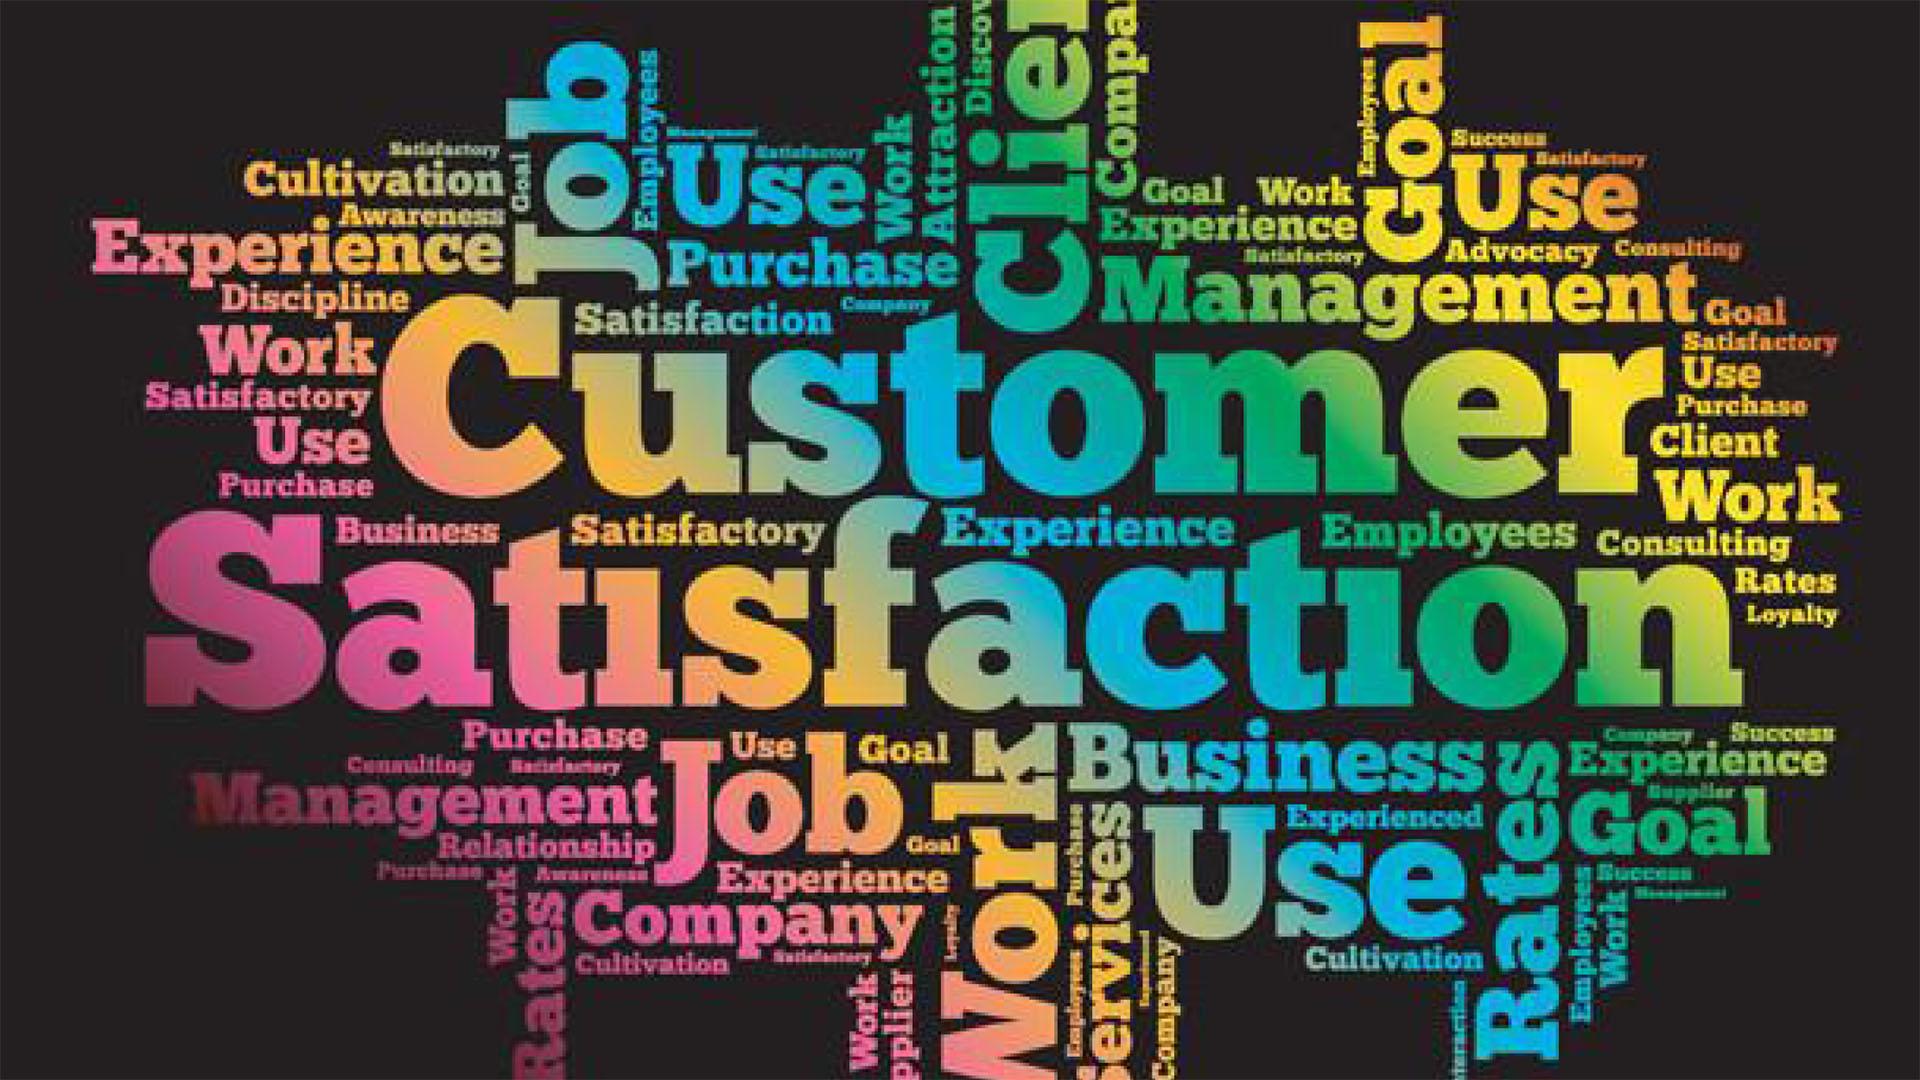 Børsen Ledelse: Anvender I Kundetilfredshed 1.0 eller 2.0 til at skabe højere kundeloyalitet, indtjening og vækst?